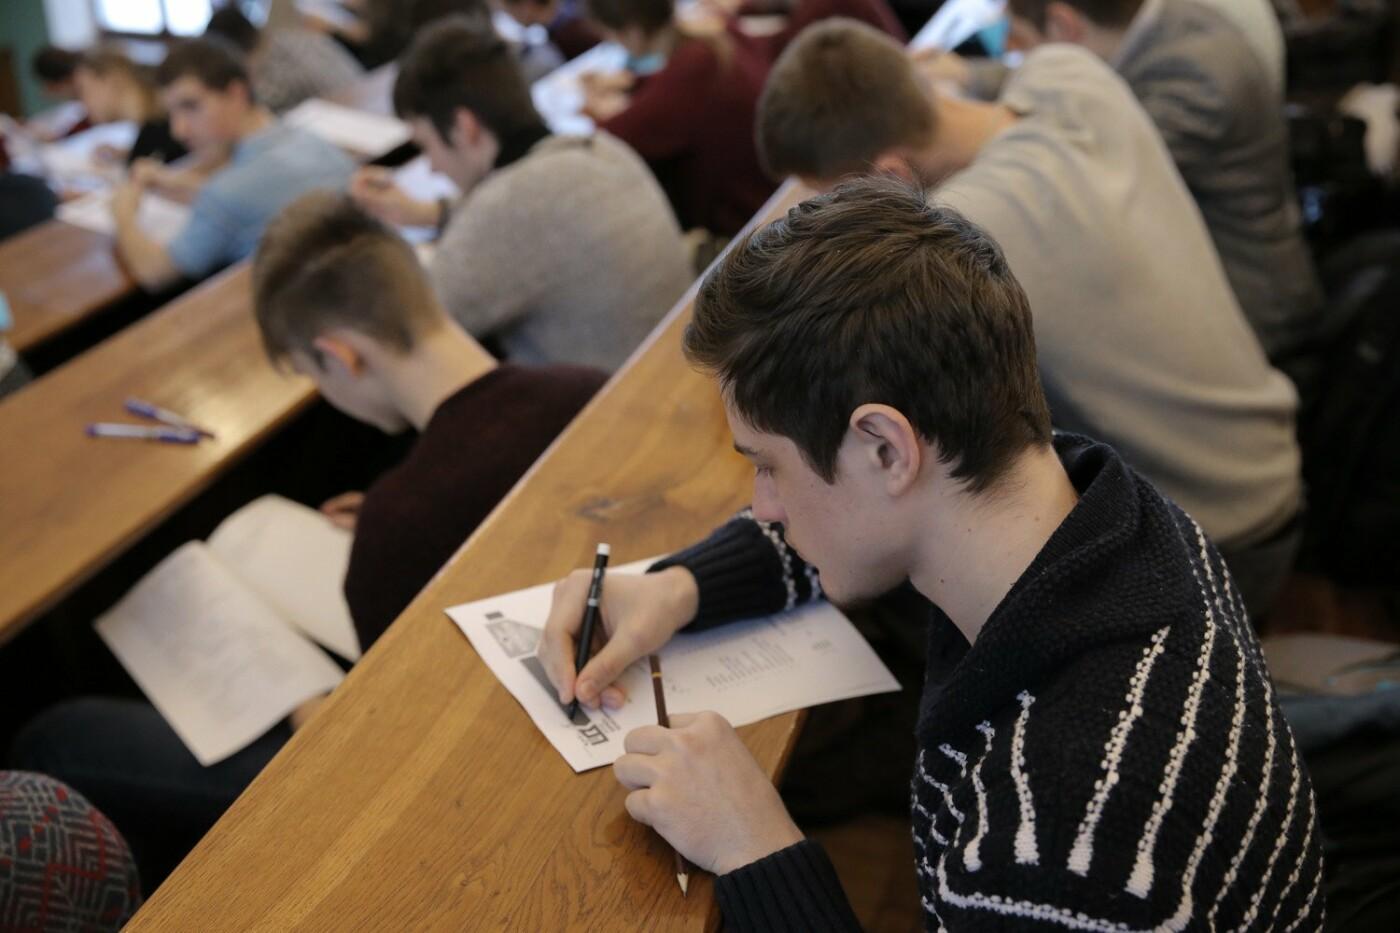 Студенты Днепропетровщины сражаются в знаниях за право посетить Лондон в рамках «Авиатора», фото-1